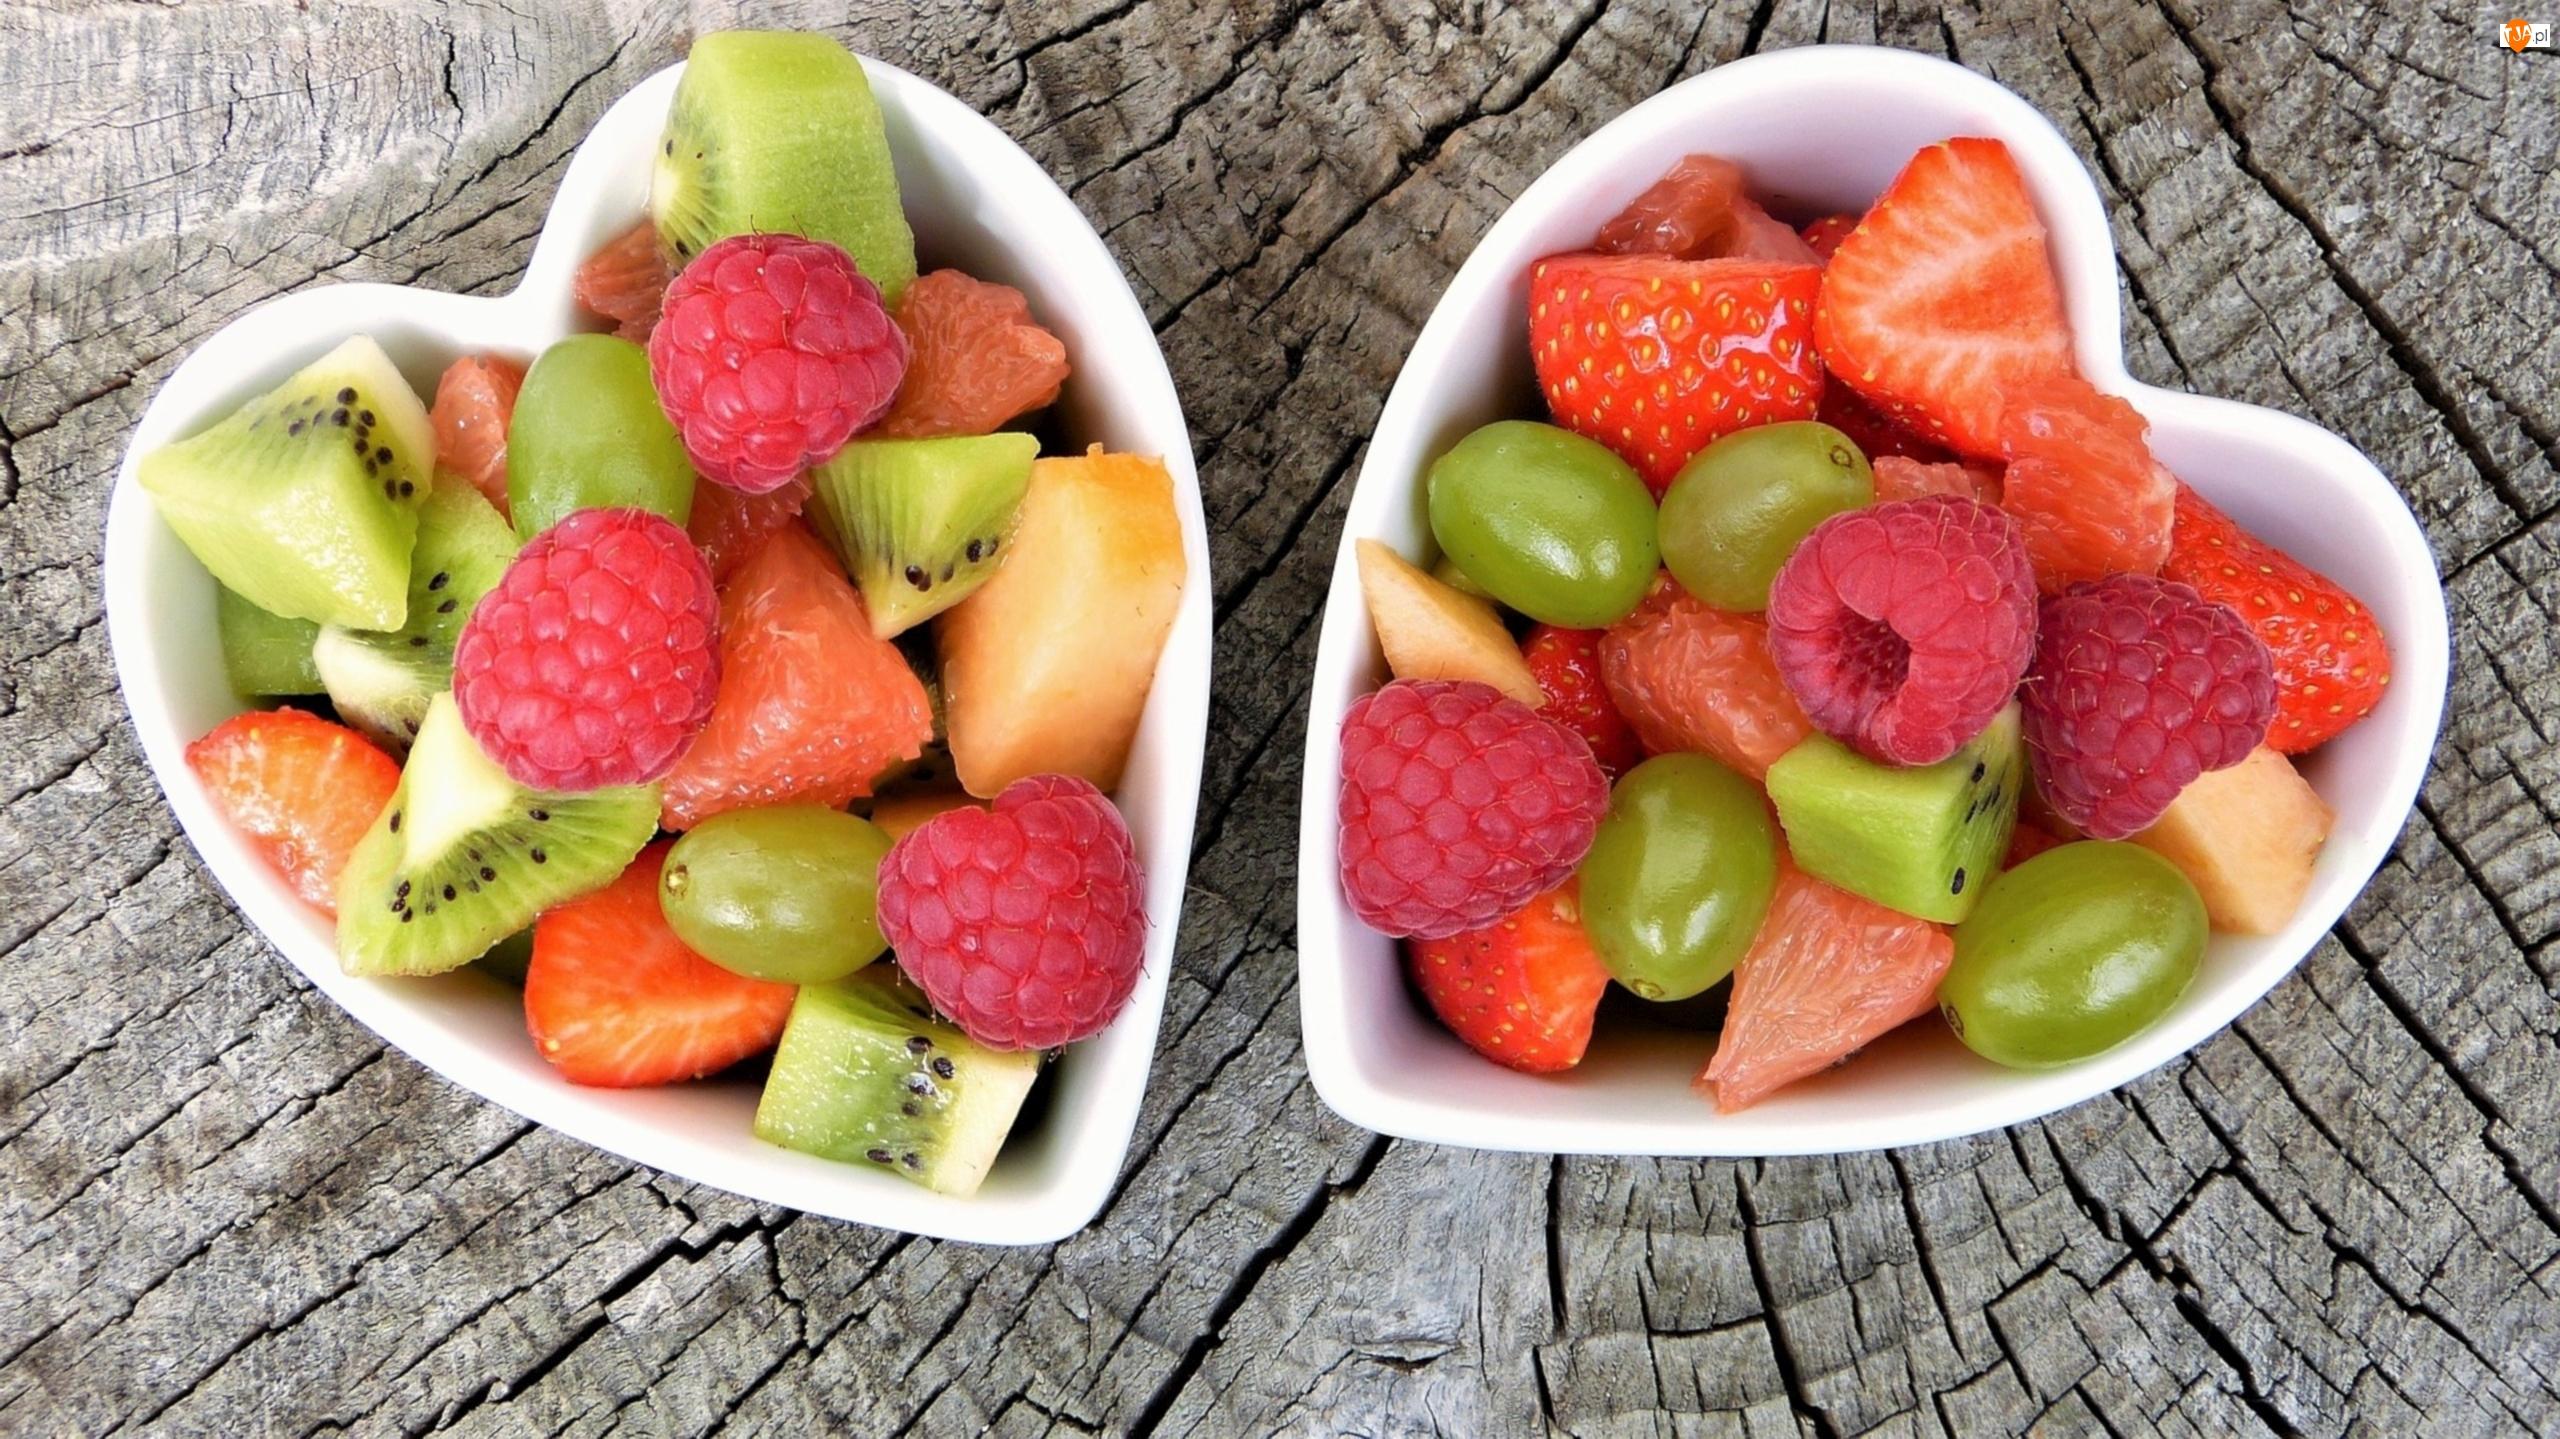 Truskawki, Kiwi, Maliny, Dwie, Owoce, Miseczki, Winogrona, Melon